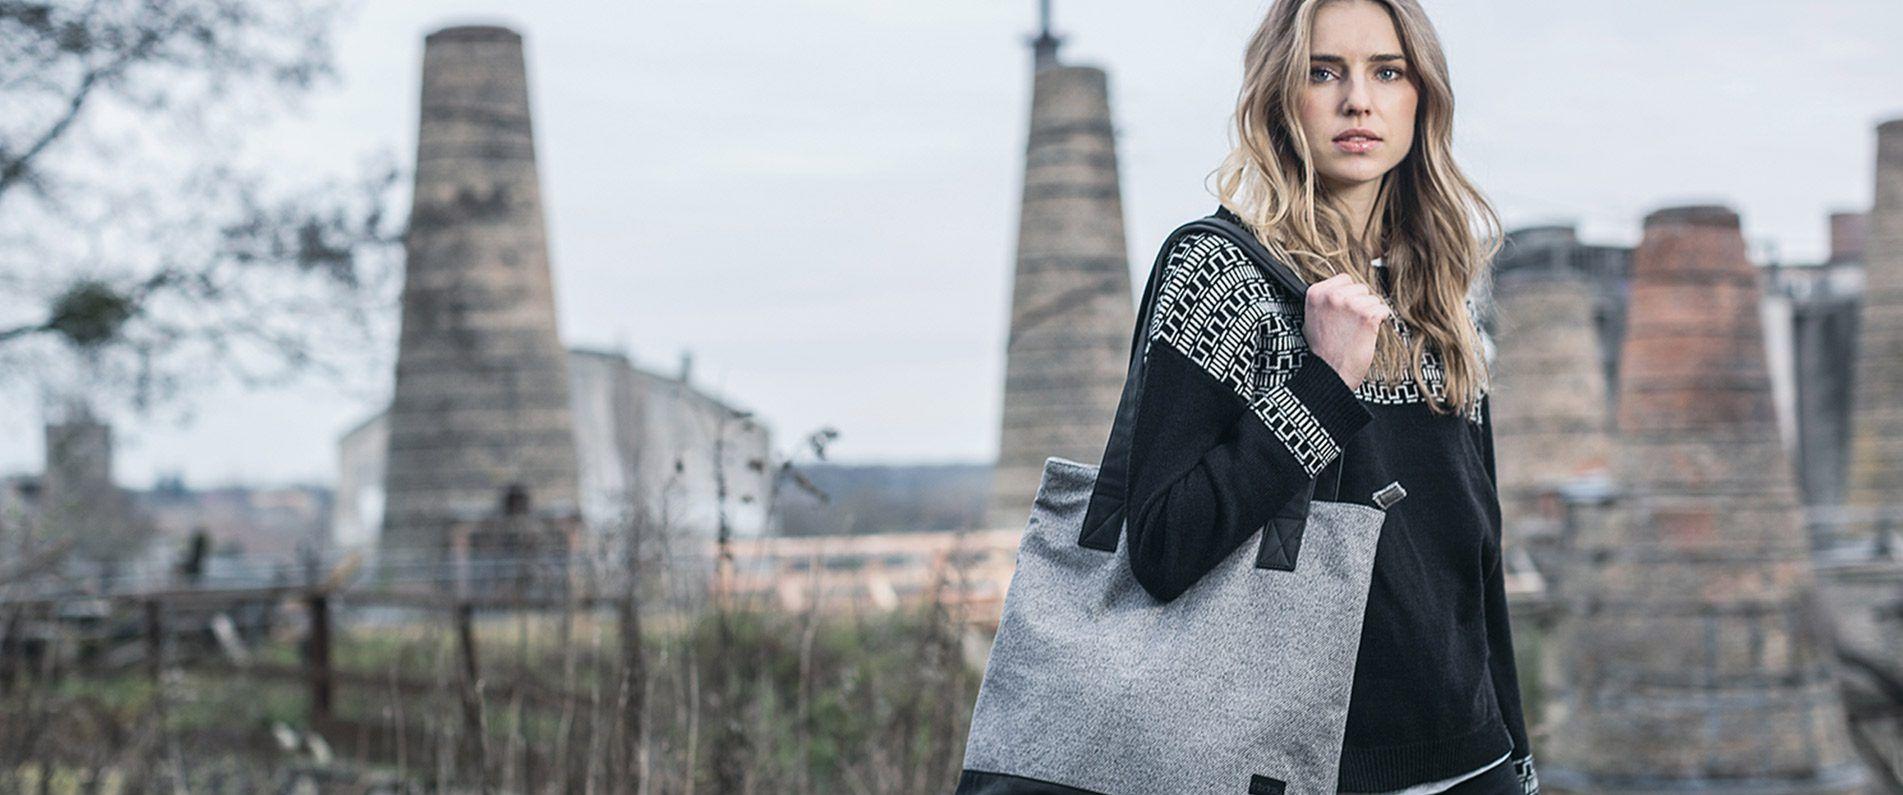 Stylische Streetwear für Mädels von Iriedaily.